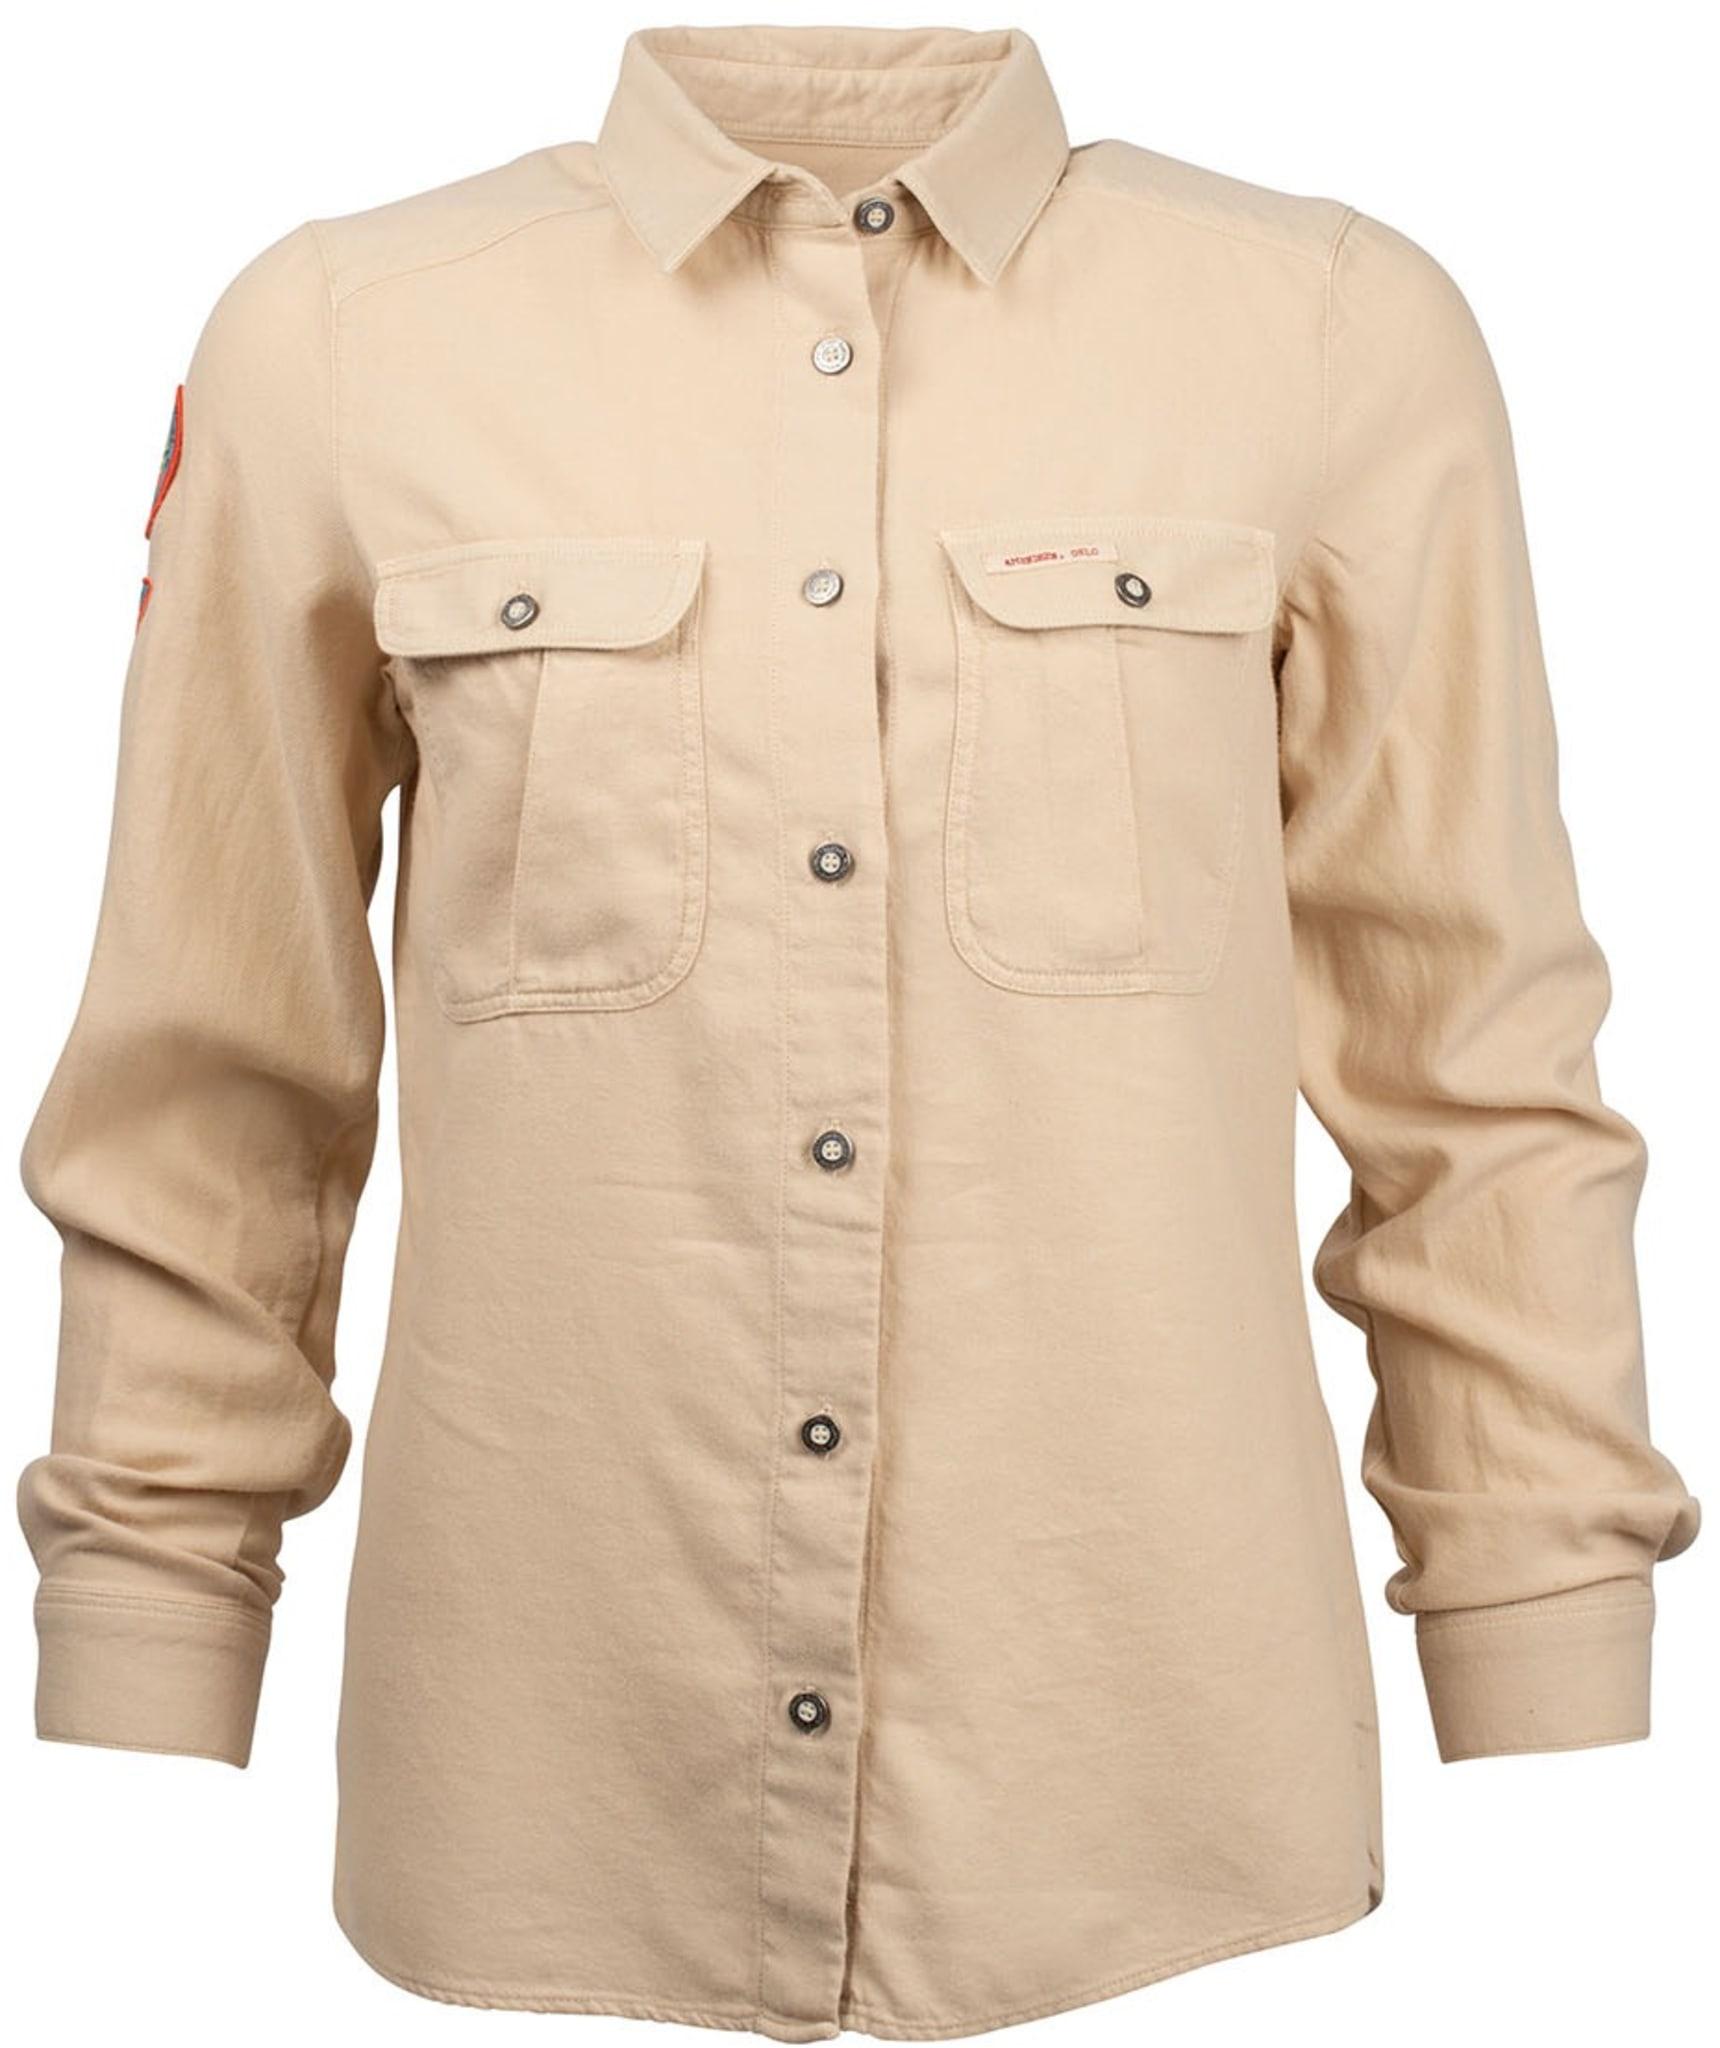 Flanellskjorte laget med spesiell fargeprosses for det ultimate utseende